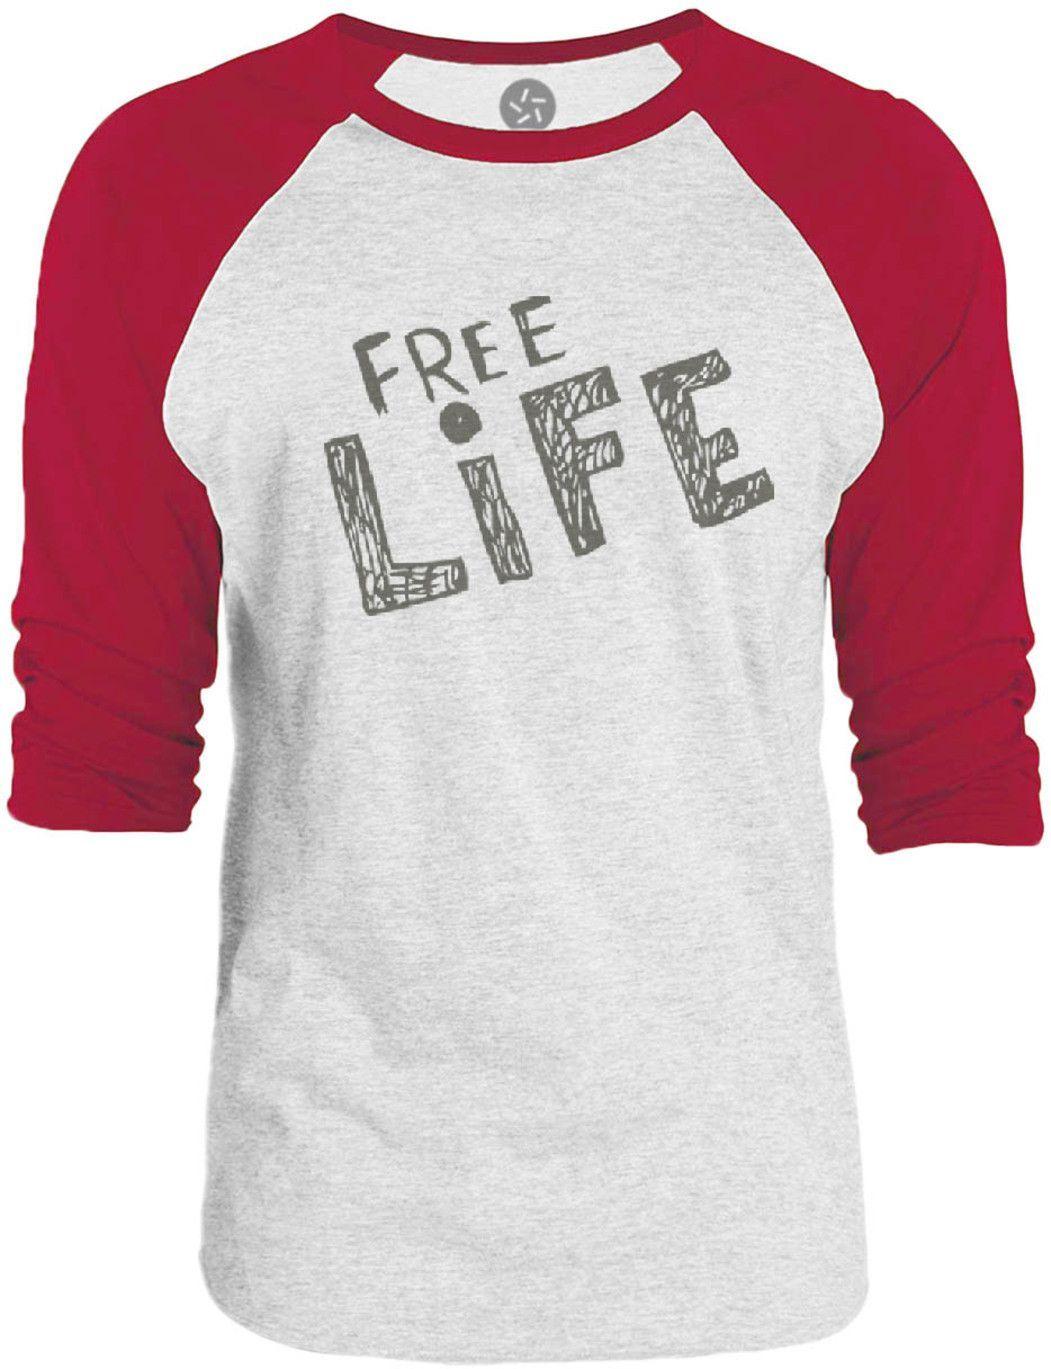 Big Texas Free Life (Grey) 3/4-Sleeve Raglan Baseball T-Shirt